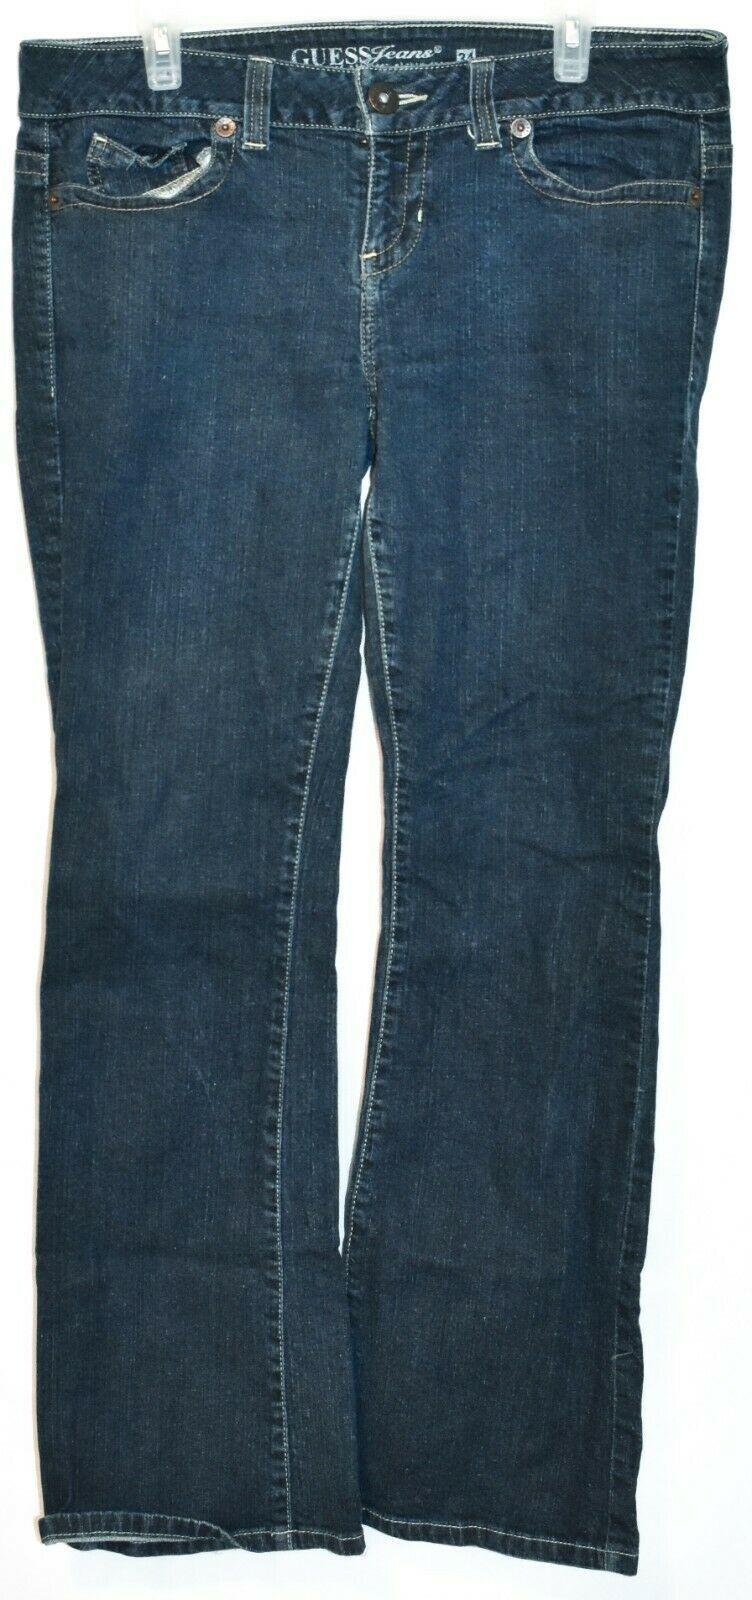 Guess Jeans Women's Daredevil Bootcut Dark Blue Stretch Denim Size 34